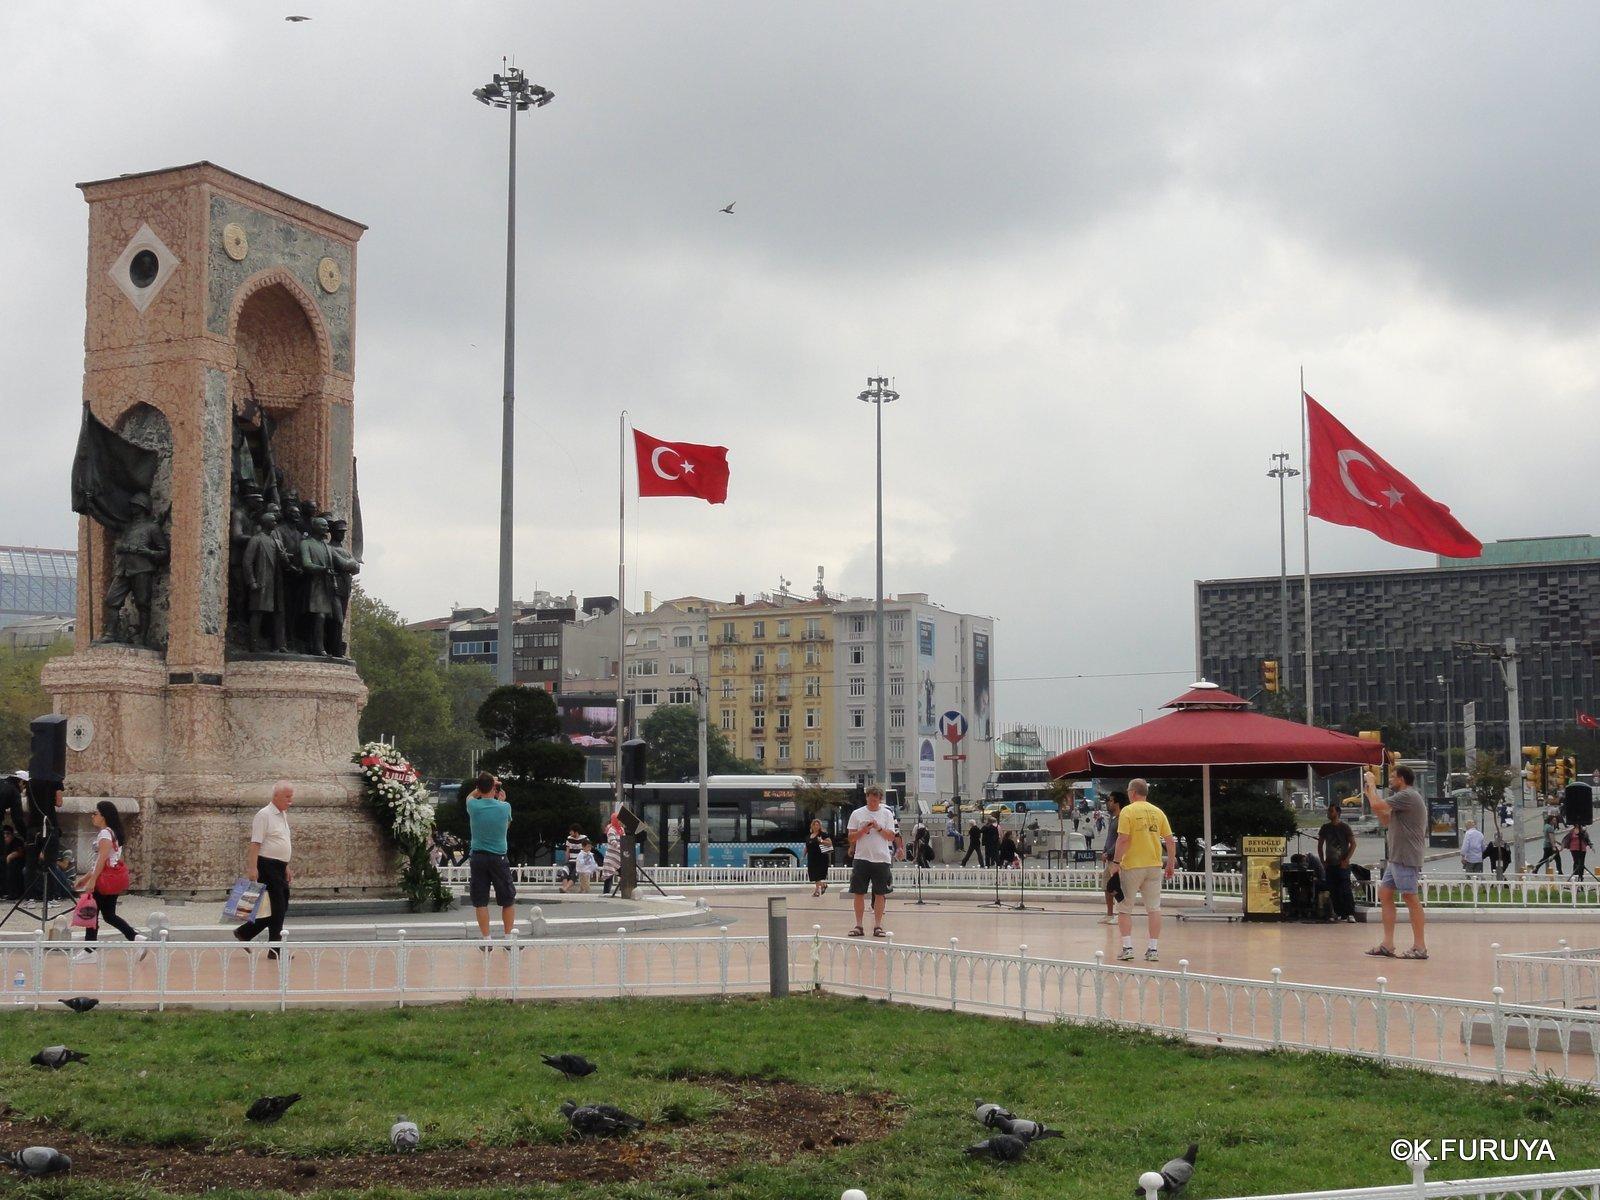 トルコ旅行記 42 イスタンブール タクシム広場_a0092659_22445472.jpg